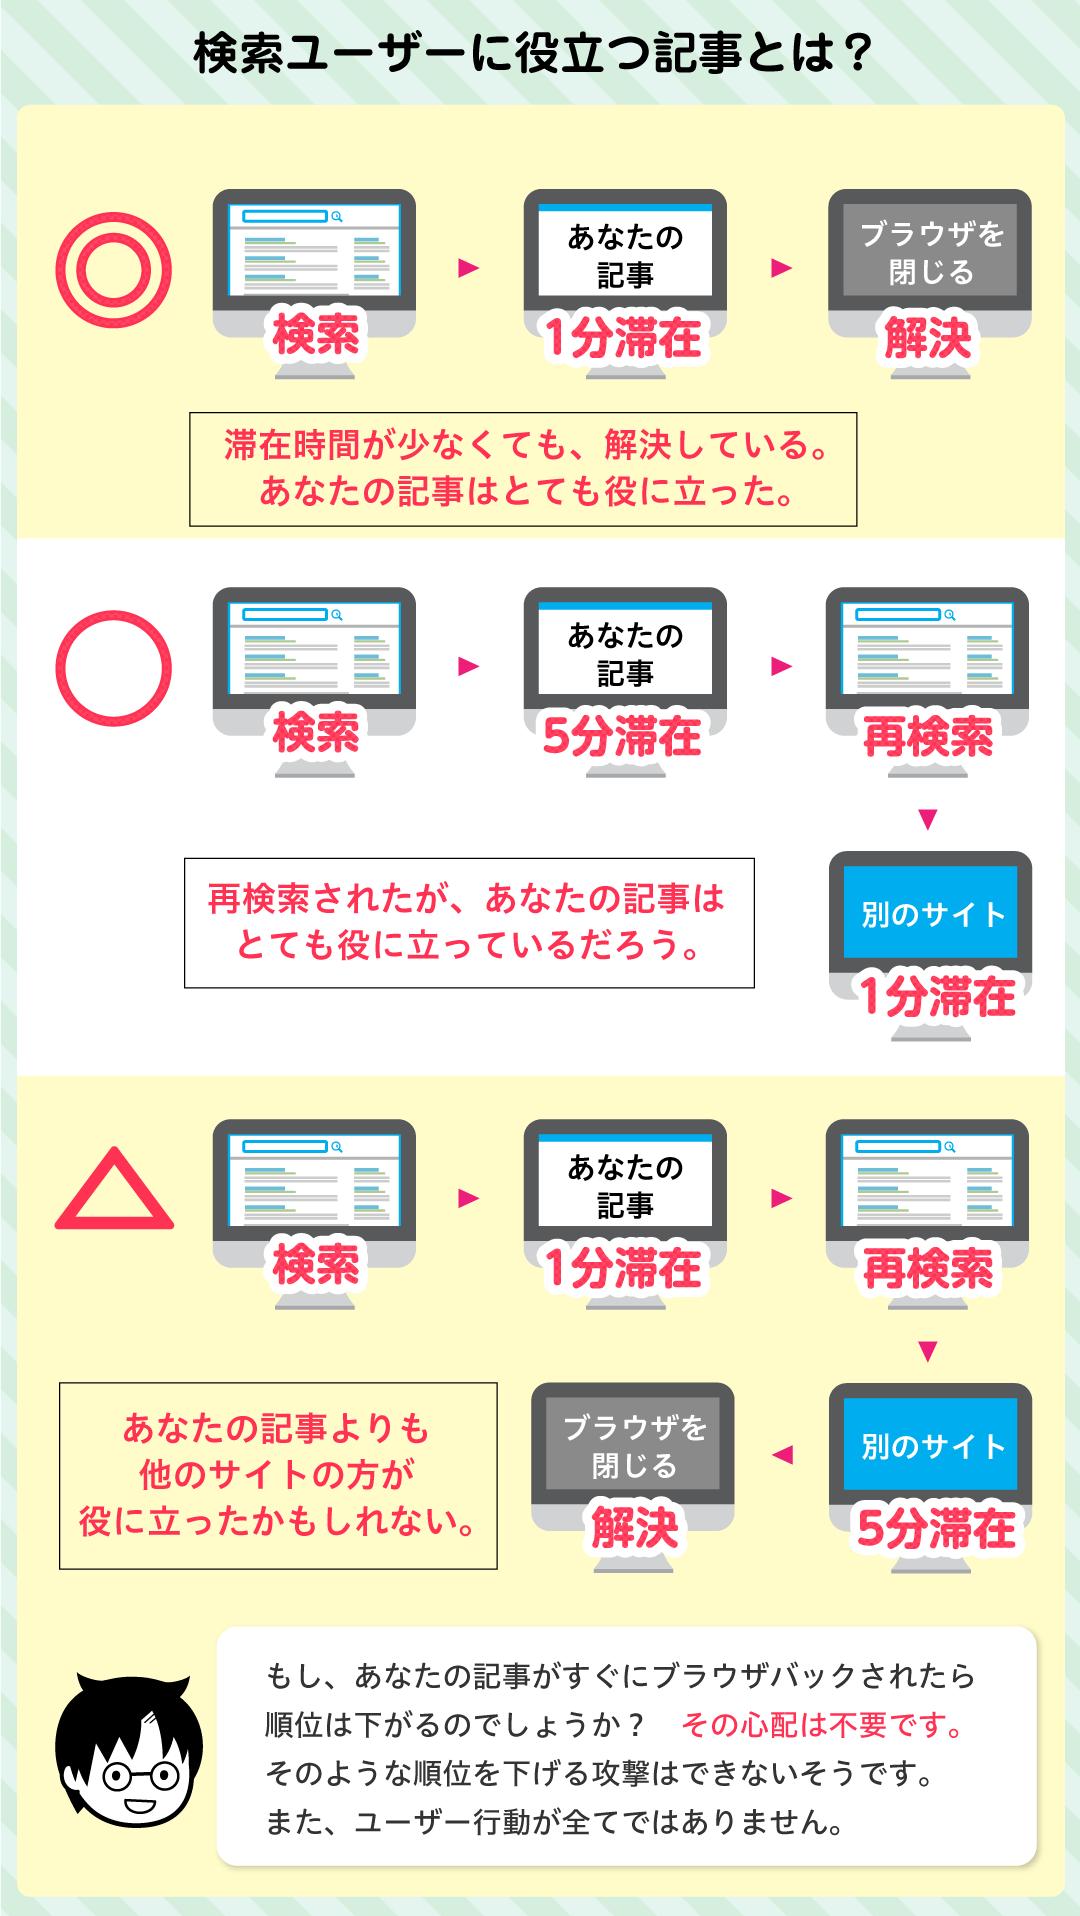 検索ユーザーに役立つ記事とは?